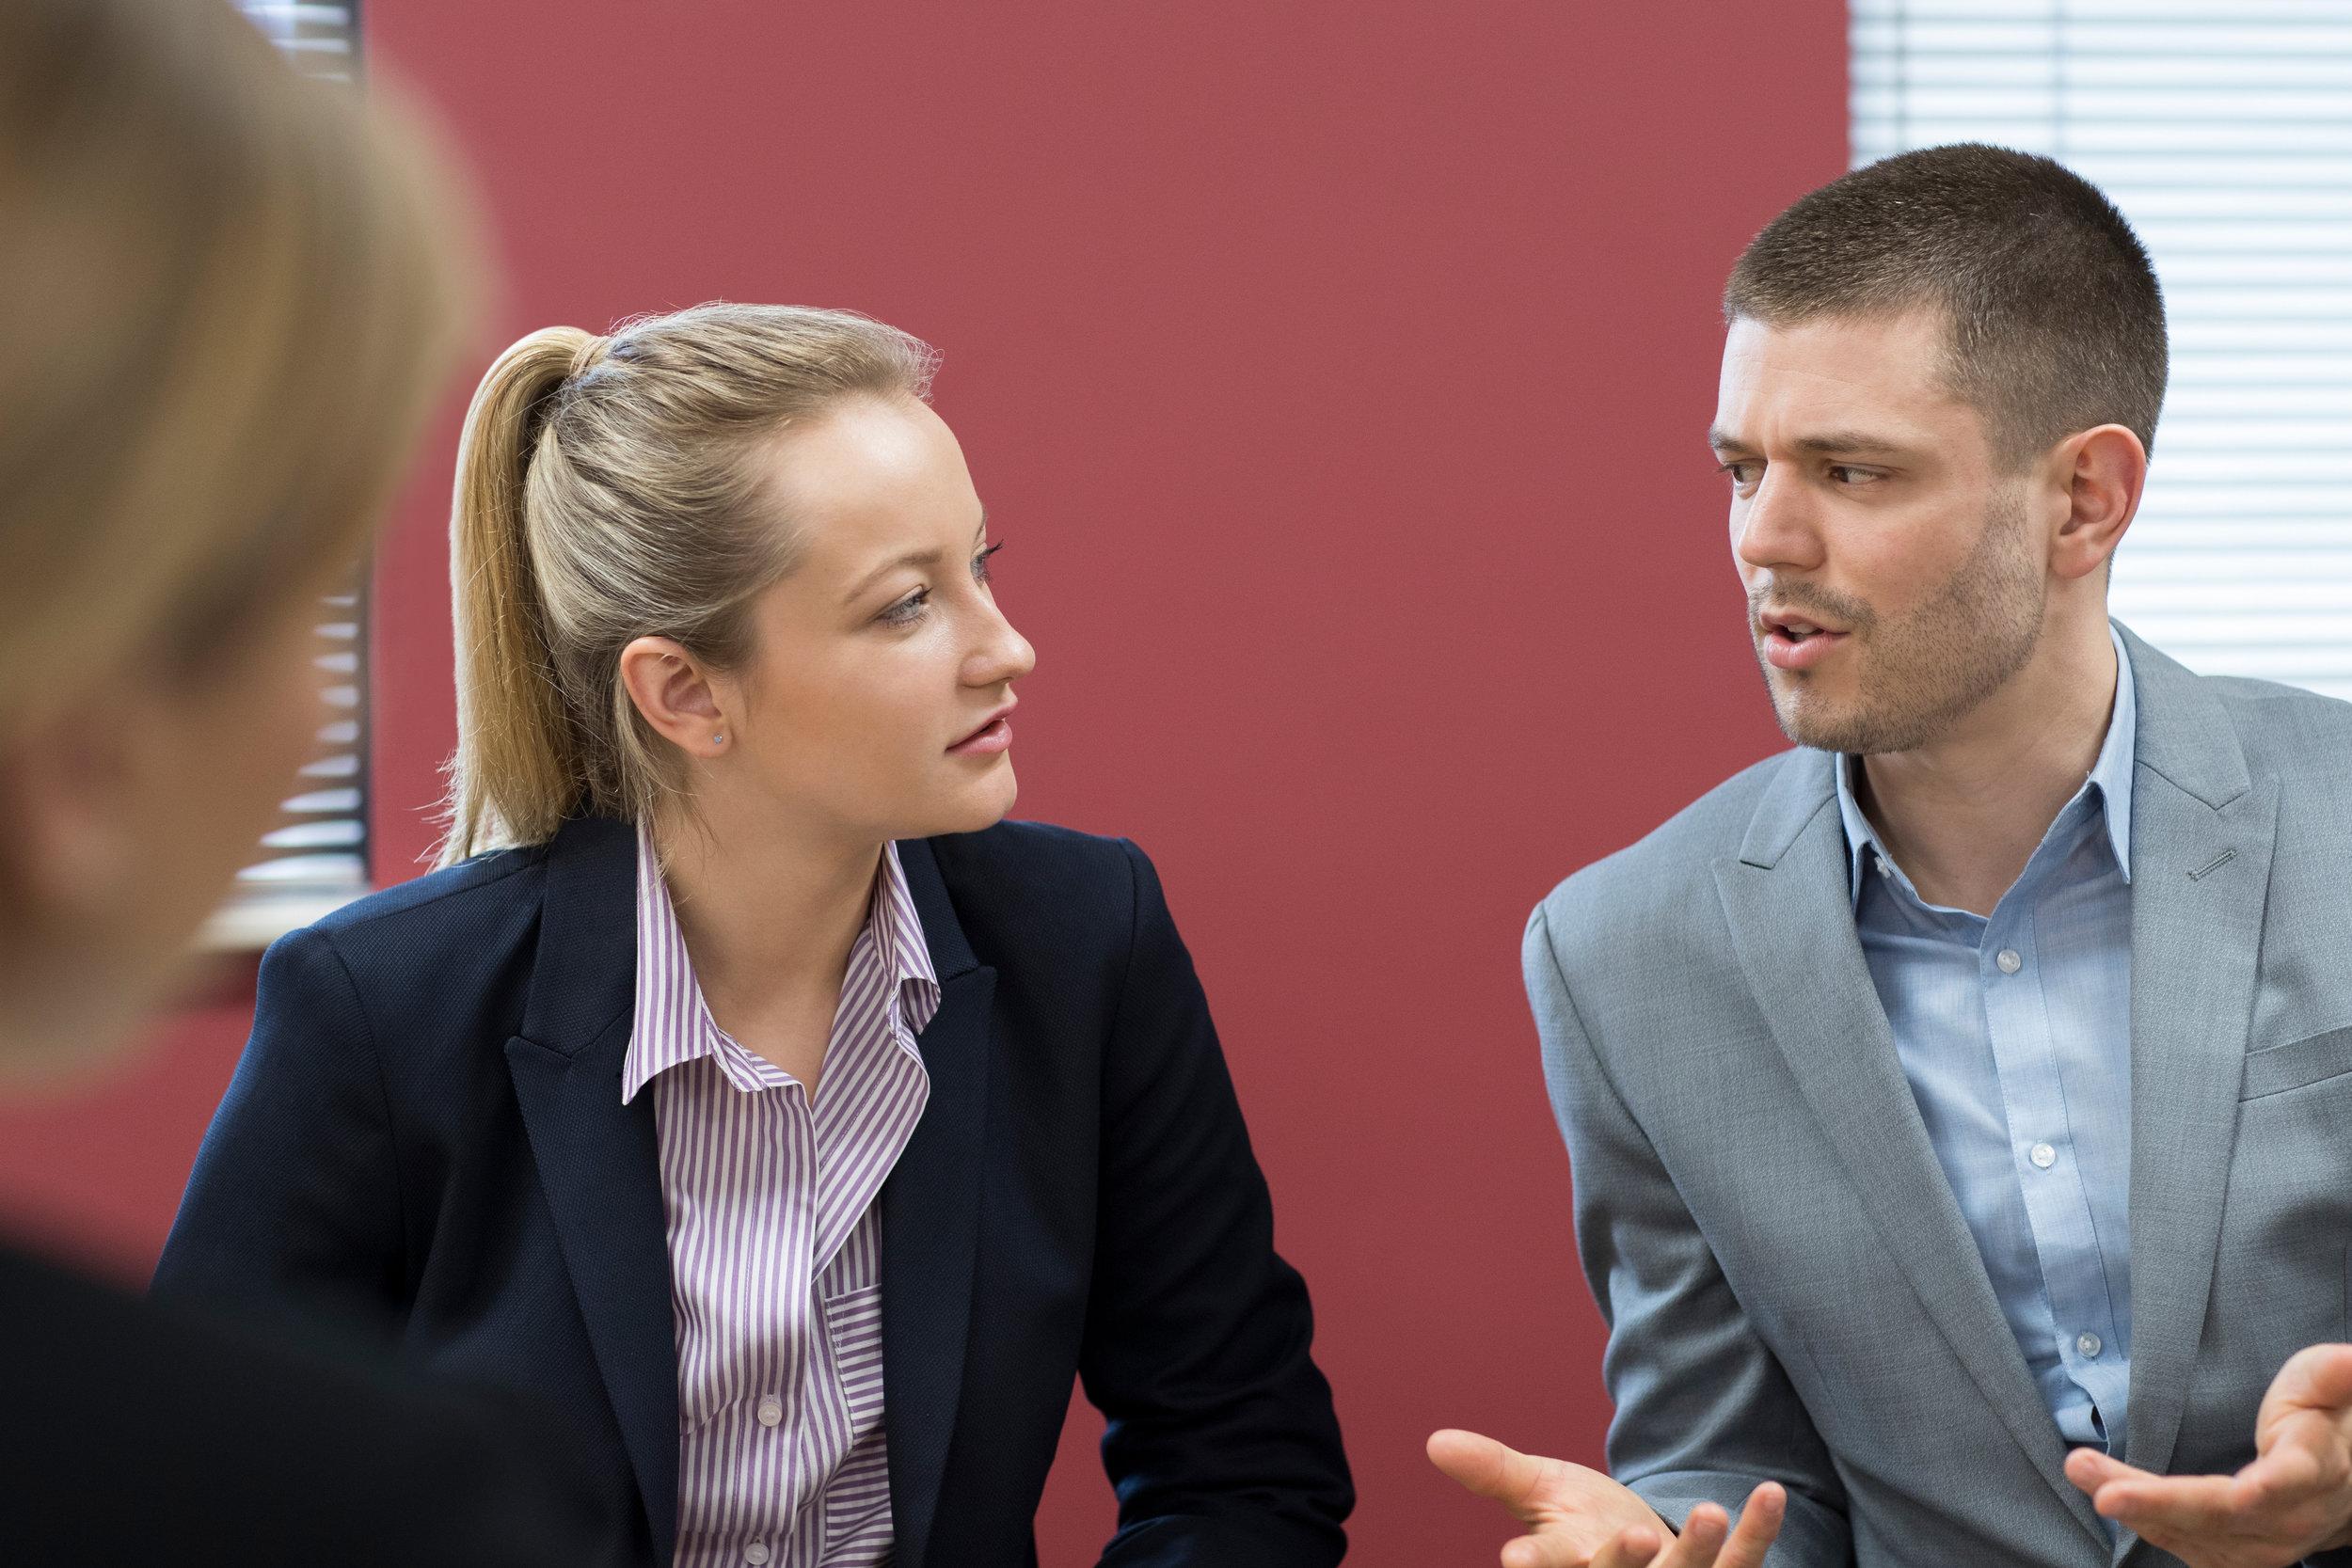 Ablauf & Kosten einer Scheidung - TEIL 1 VON 2